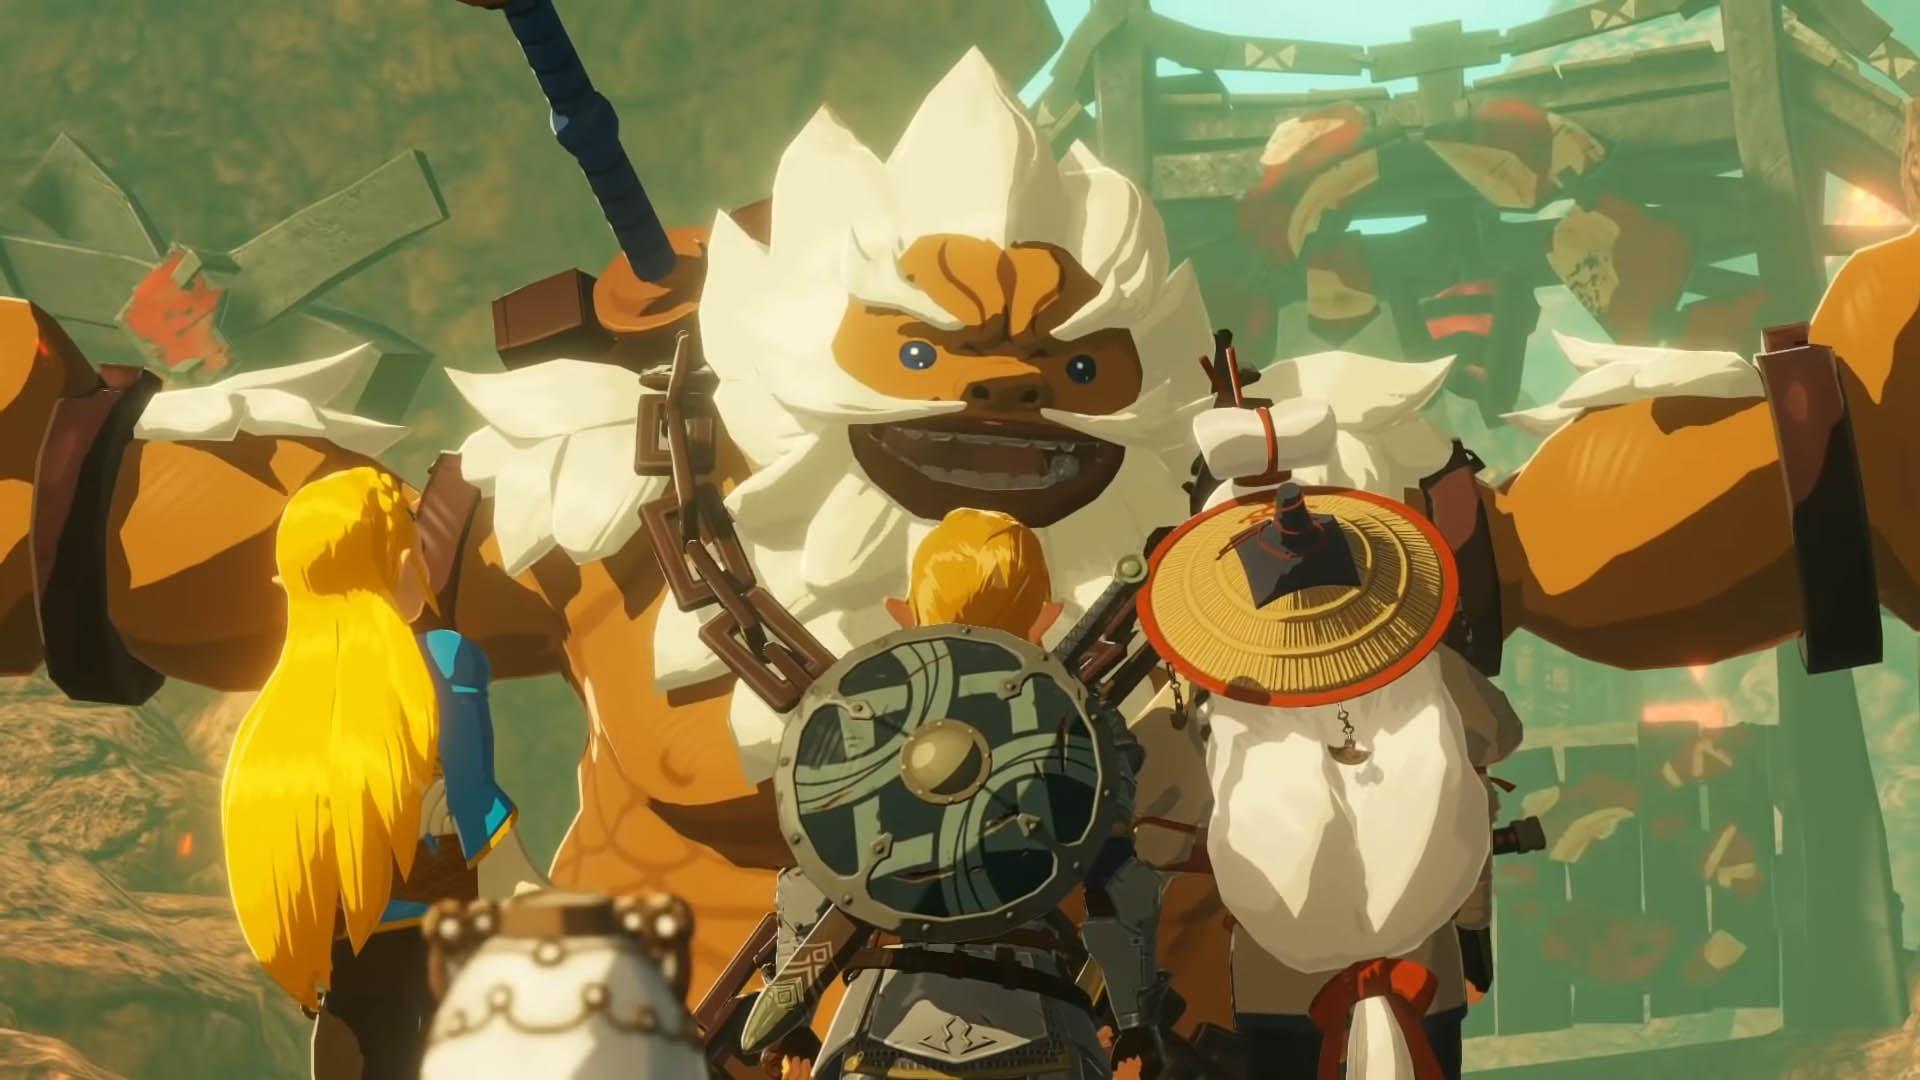 Sur les aventures avec Daruk, Link, Zelda et Impa au temps de la dévastation